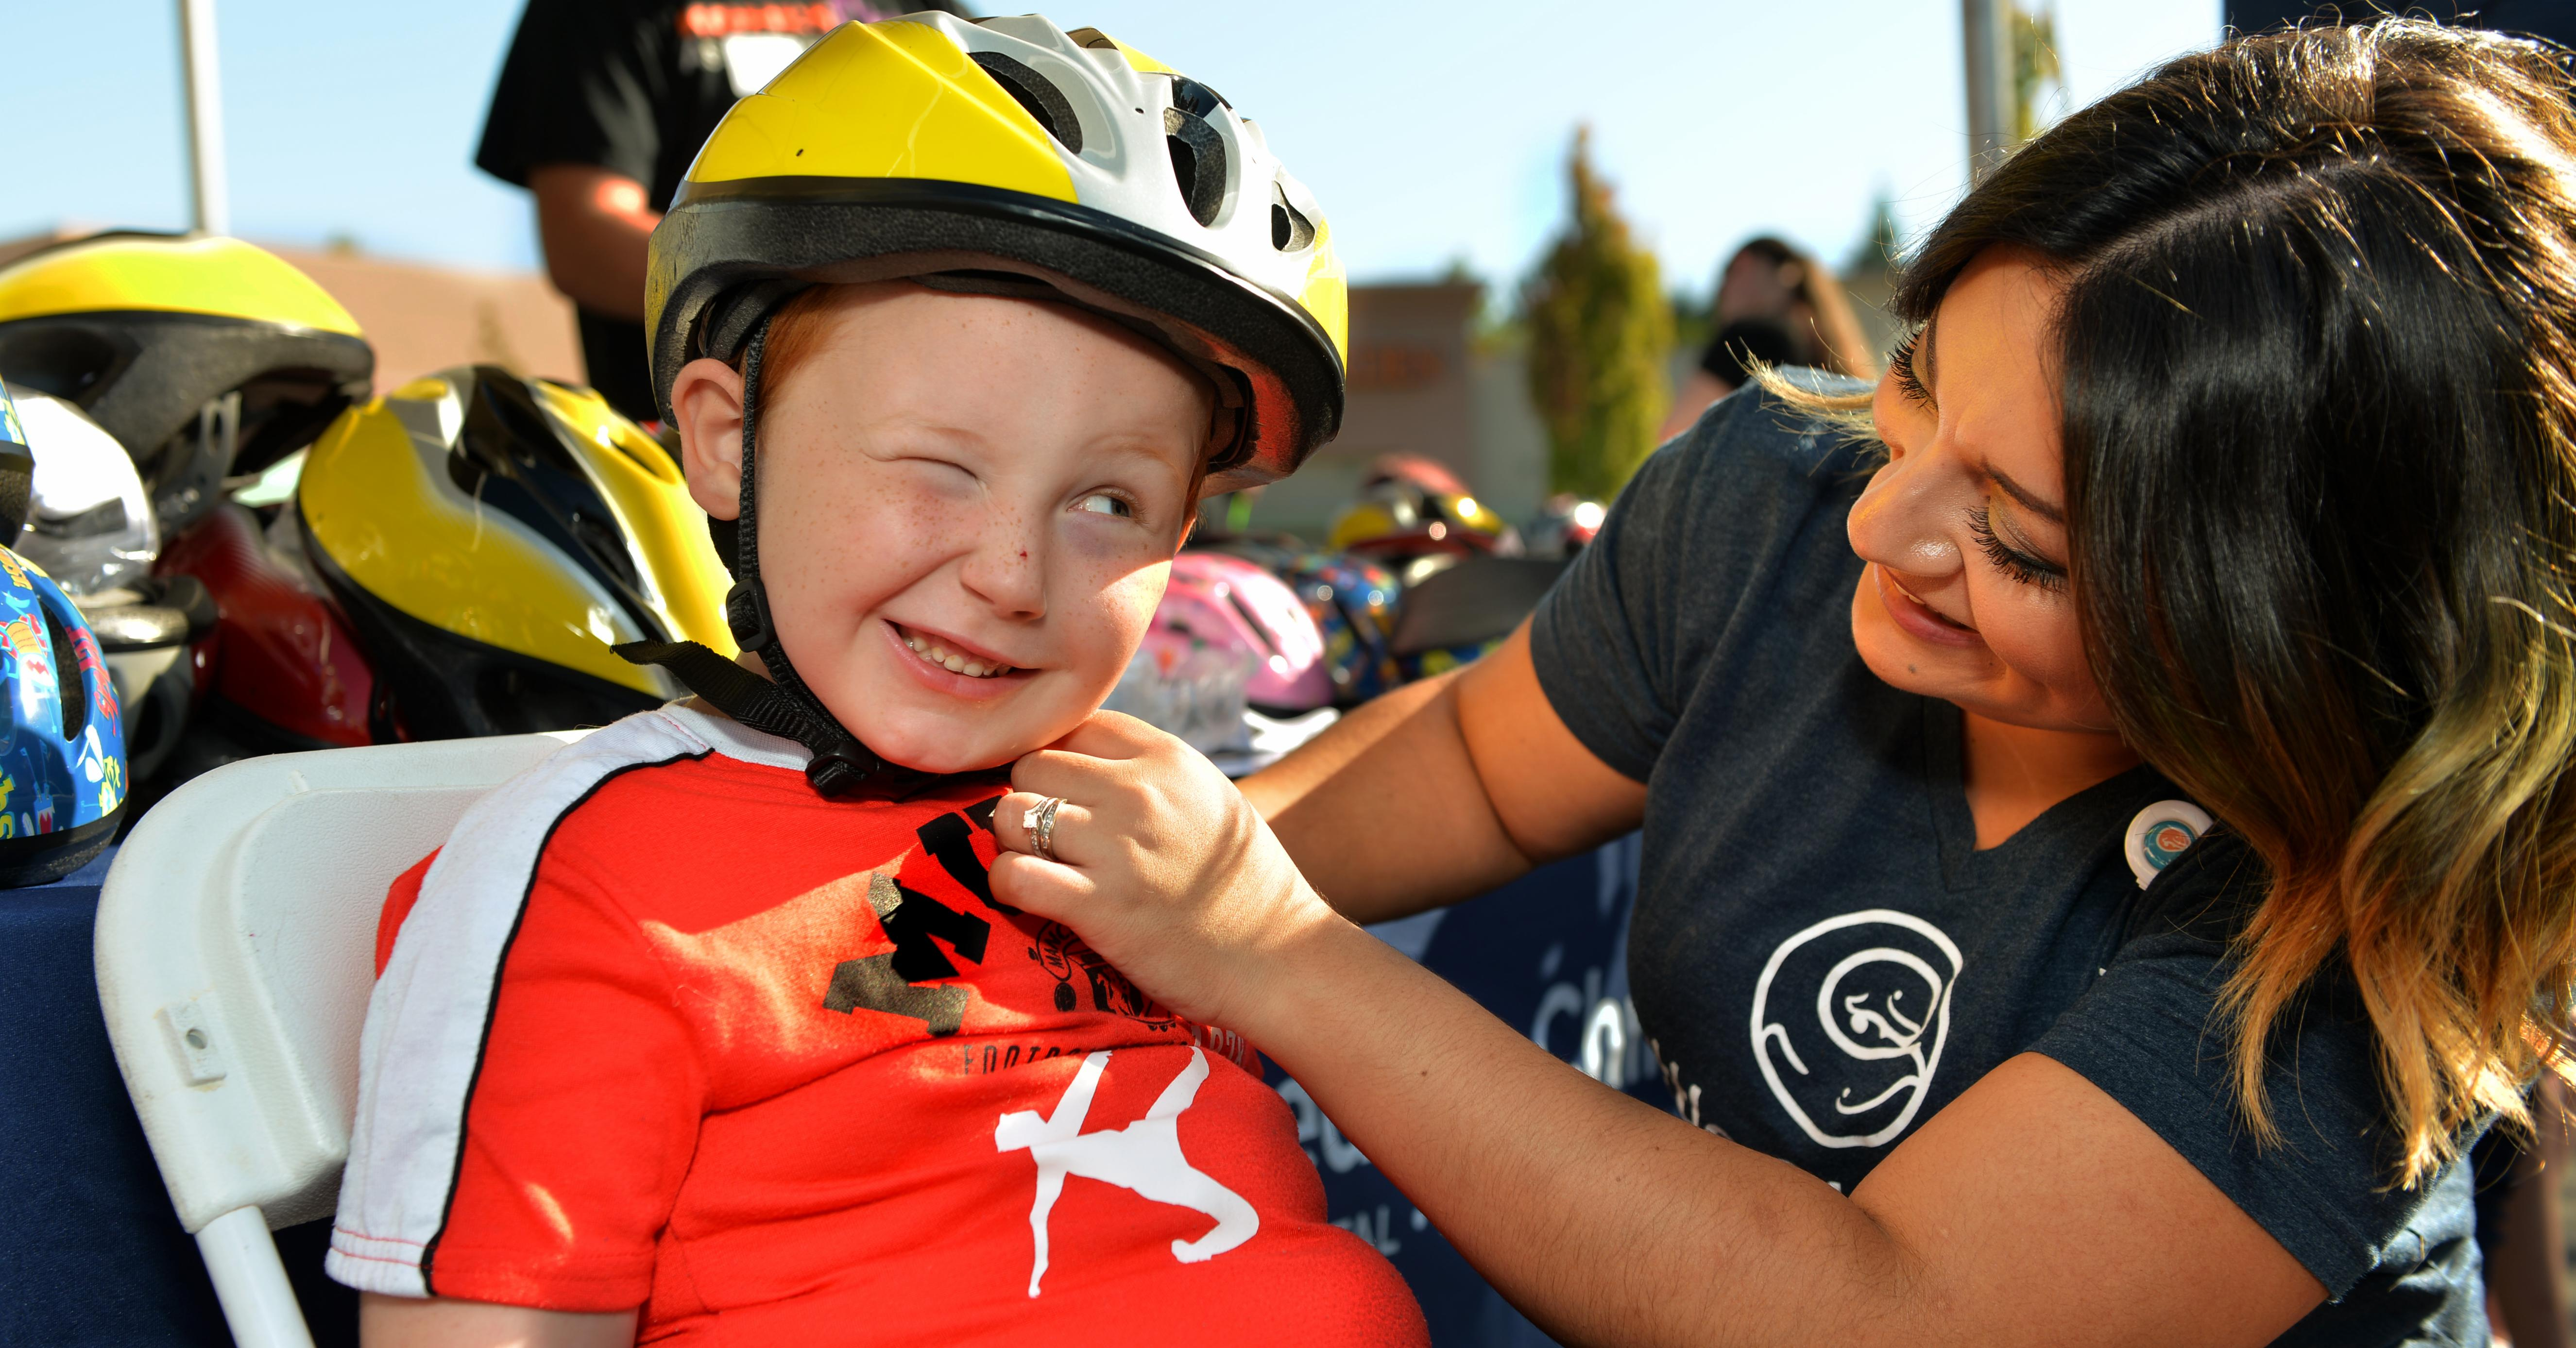 Kohl S Helmet Safety Program At Seattle Children S